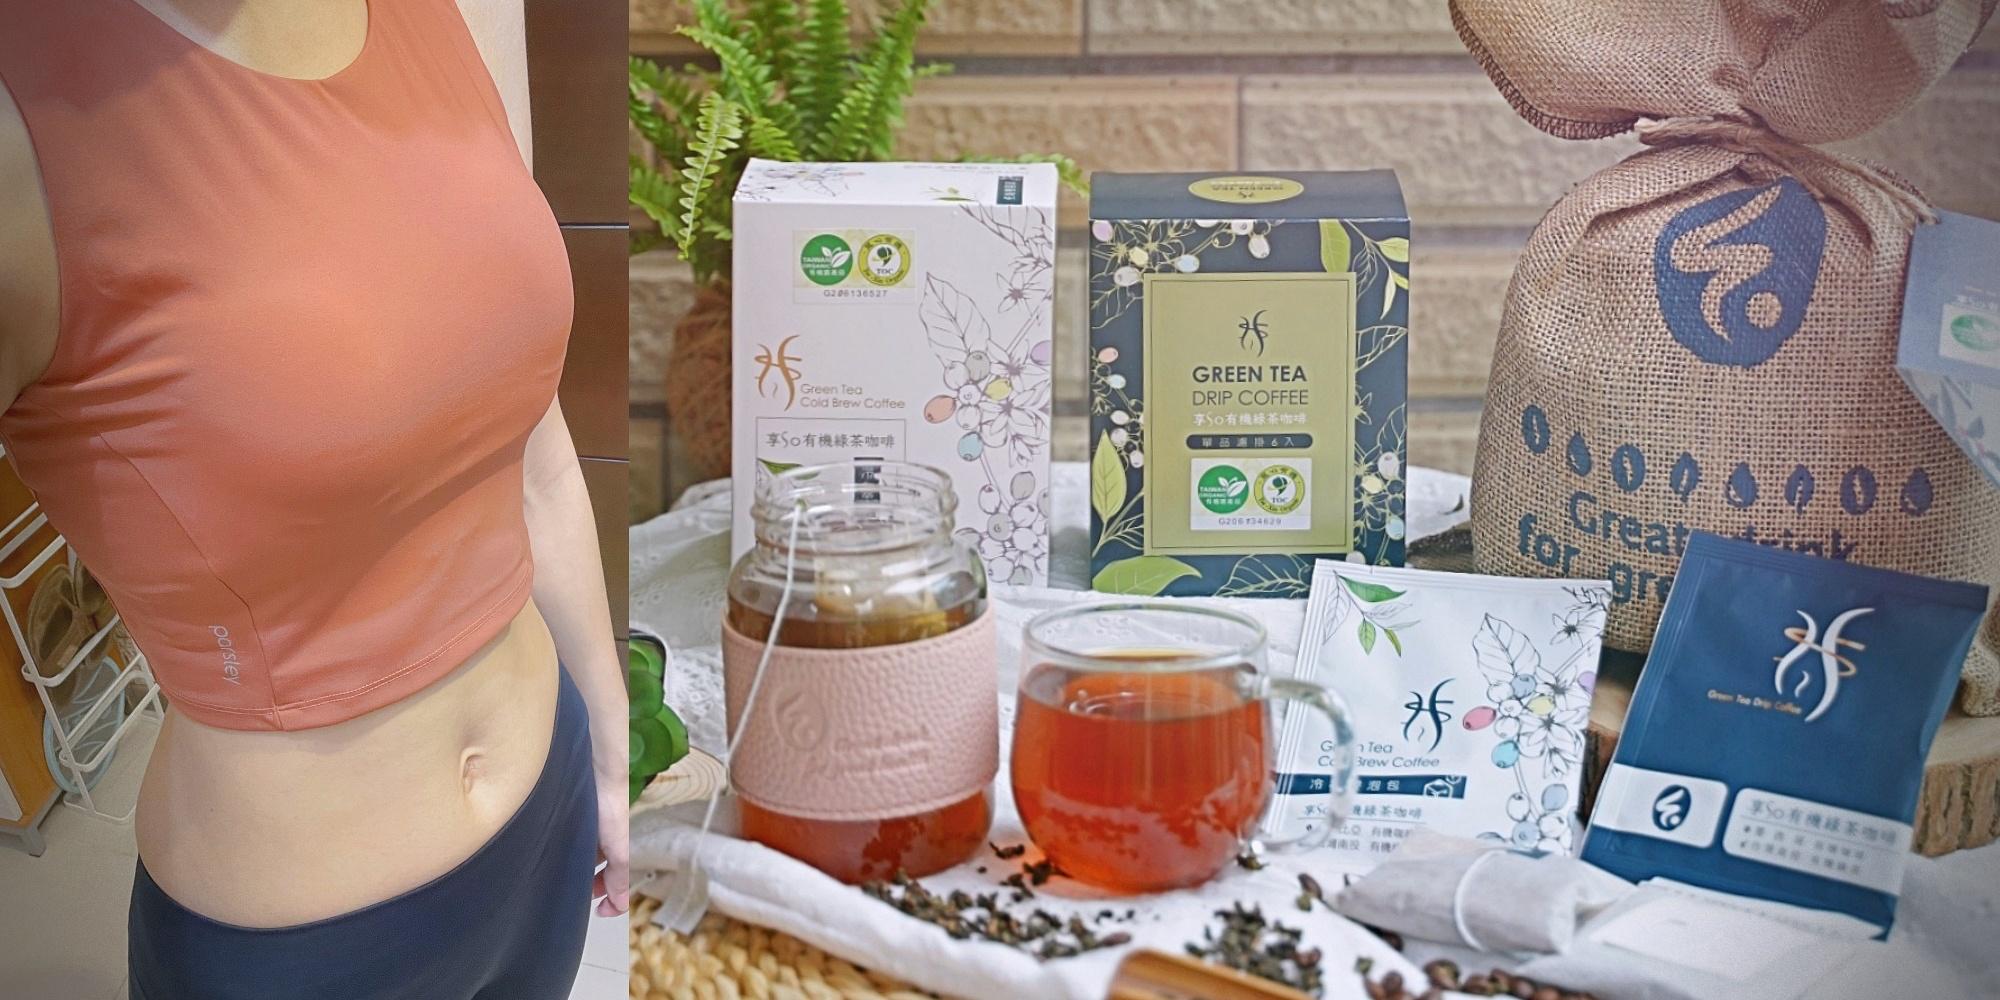 享So有機綠茶咖啡 有機綠原酸咖啡 減醣、168斷食及211餐盤的聰明選擇